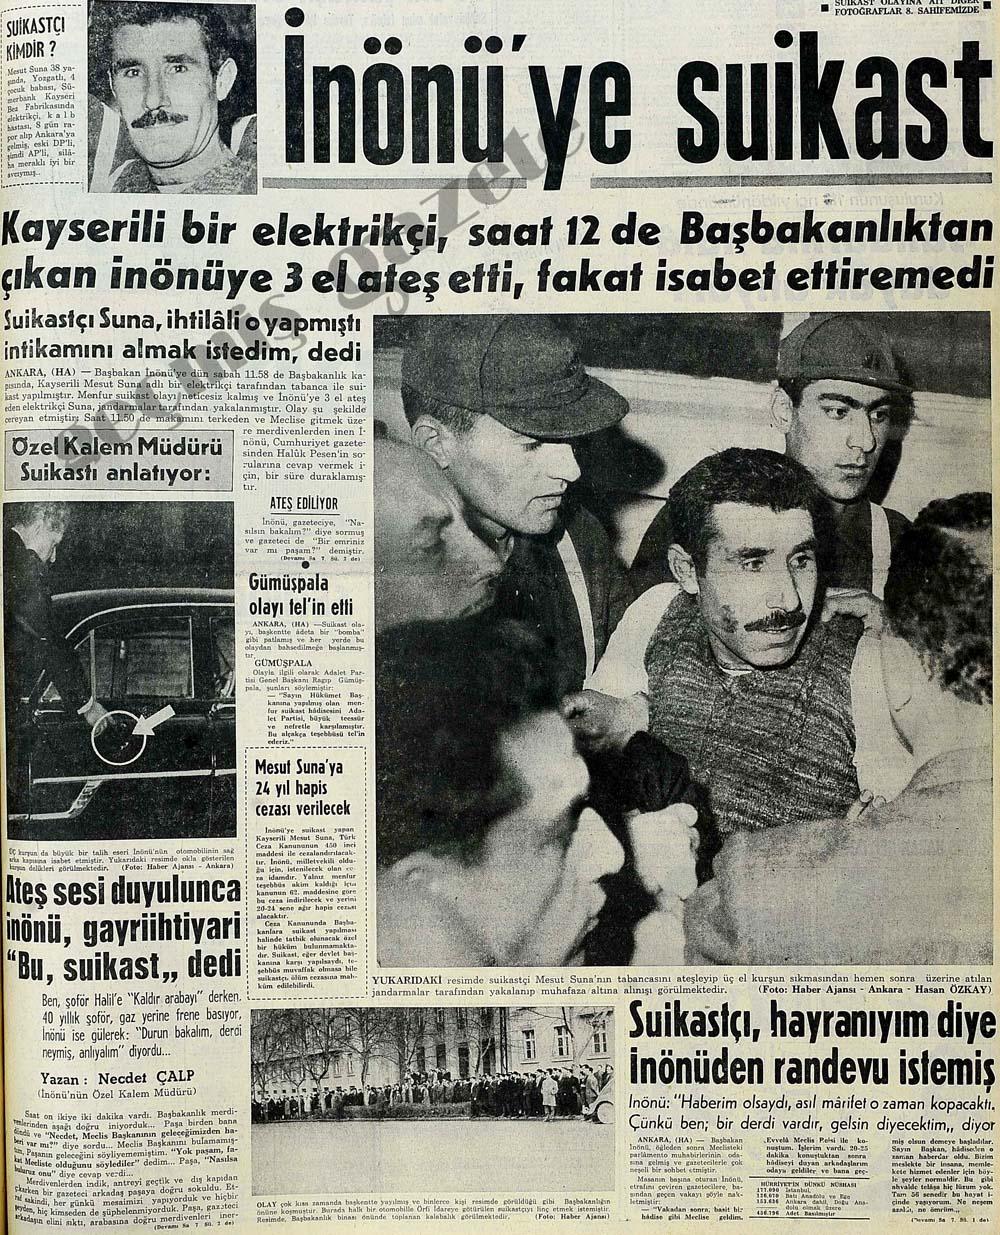 İnönü'ye suikast